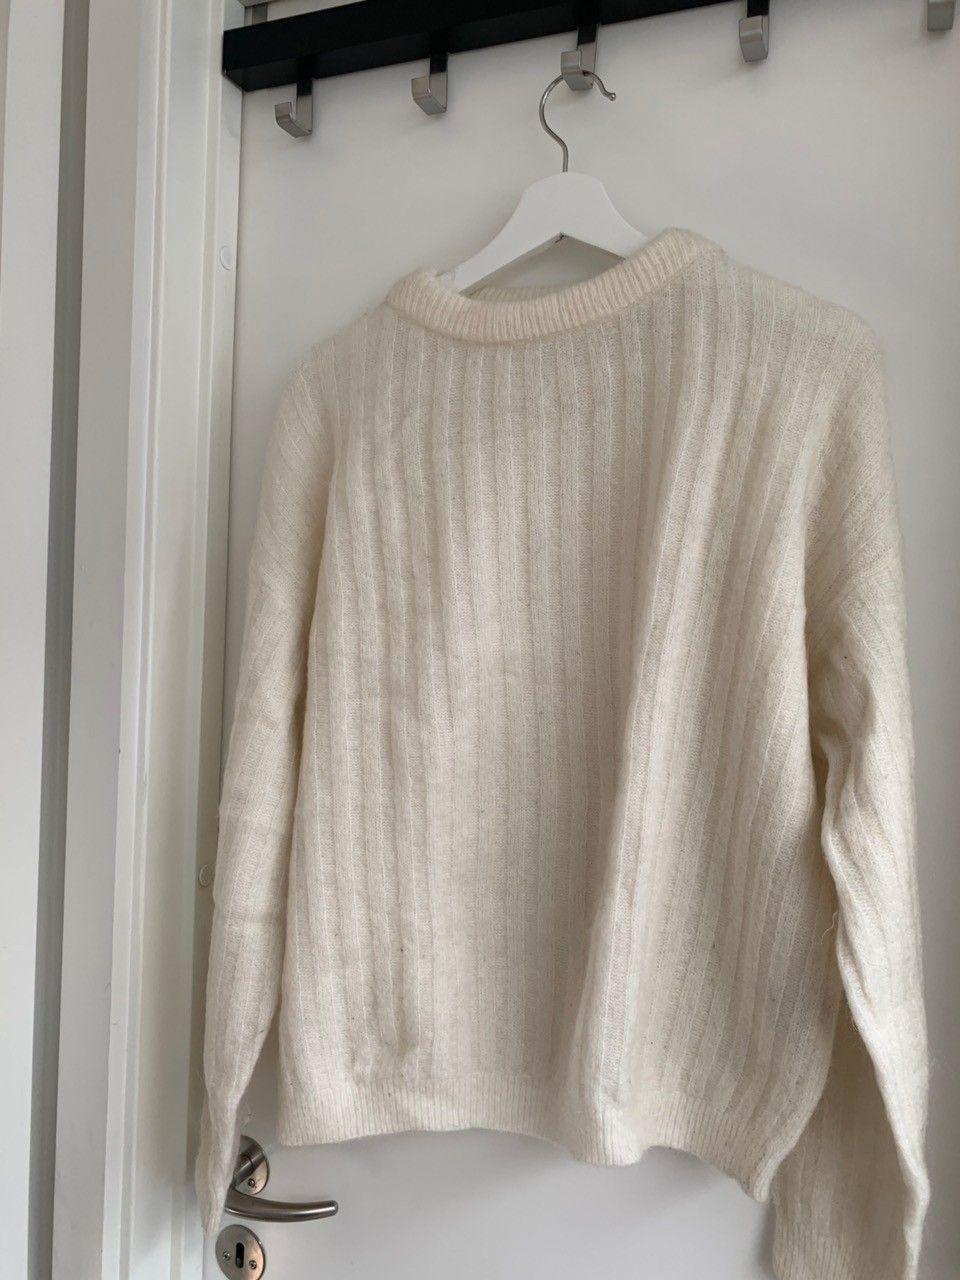 925488c6 Opprydding i skapet: Lite brukt/ ubrukt klær fra forskjellige merker ...